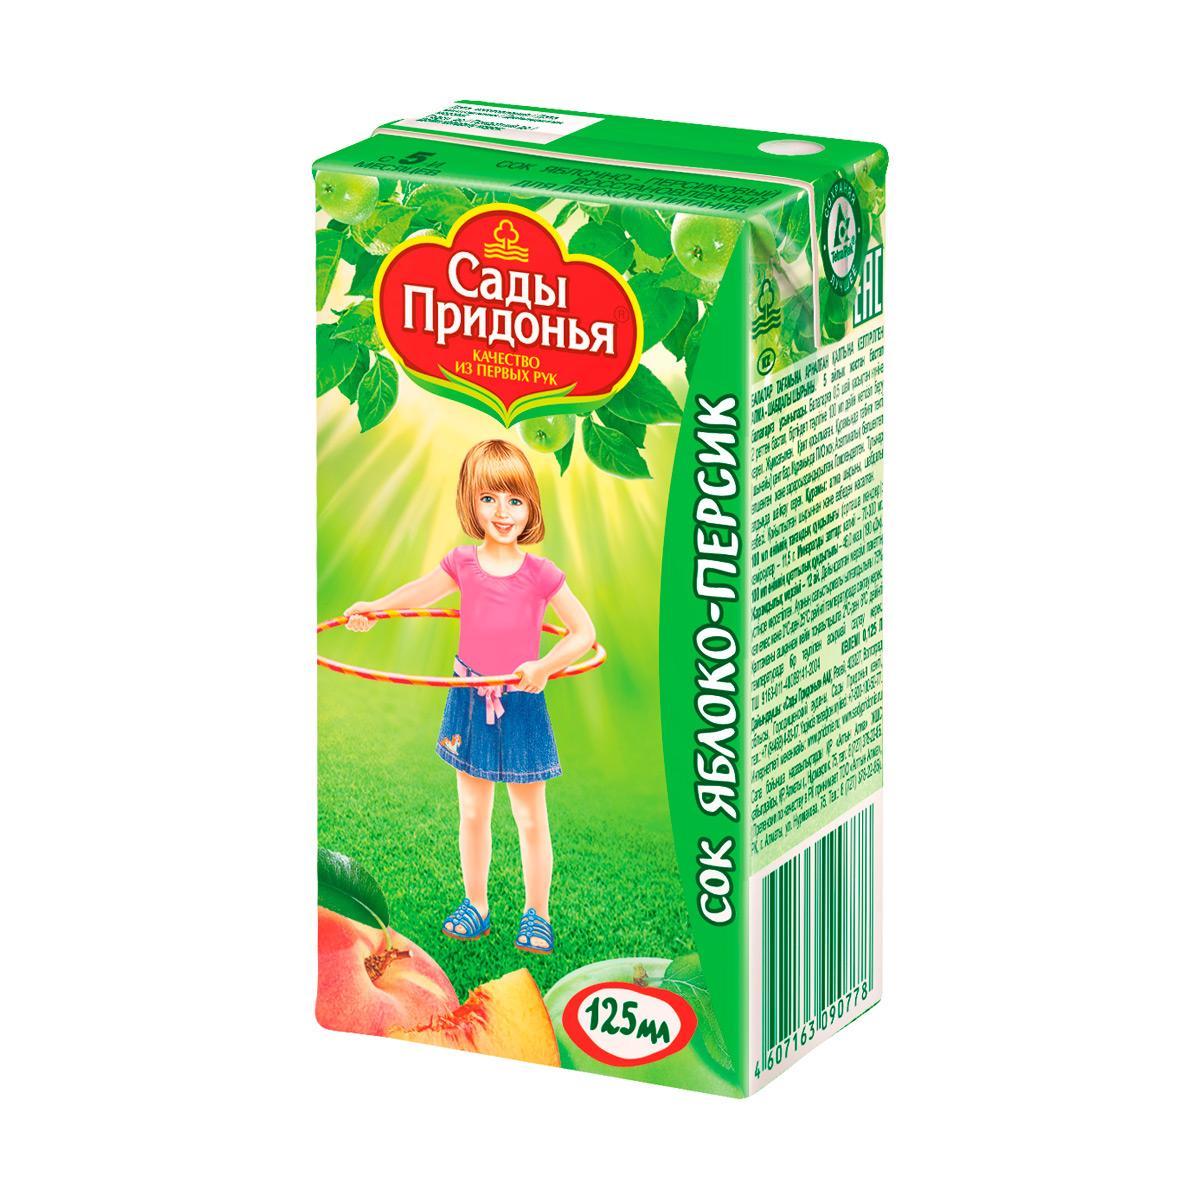 Сок Сады Придонья 125 мл (тетрапак) Яблоко персик с мякотью (с 5 мес)<br>